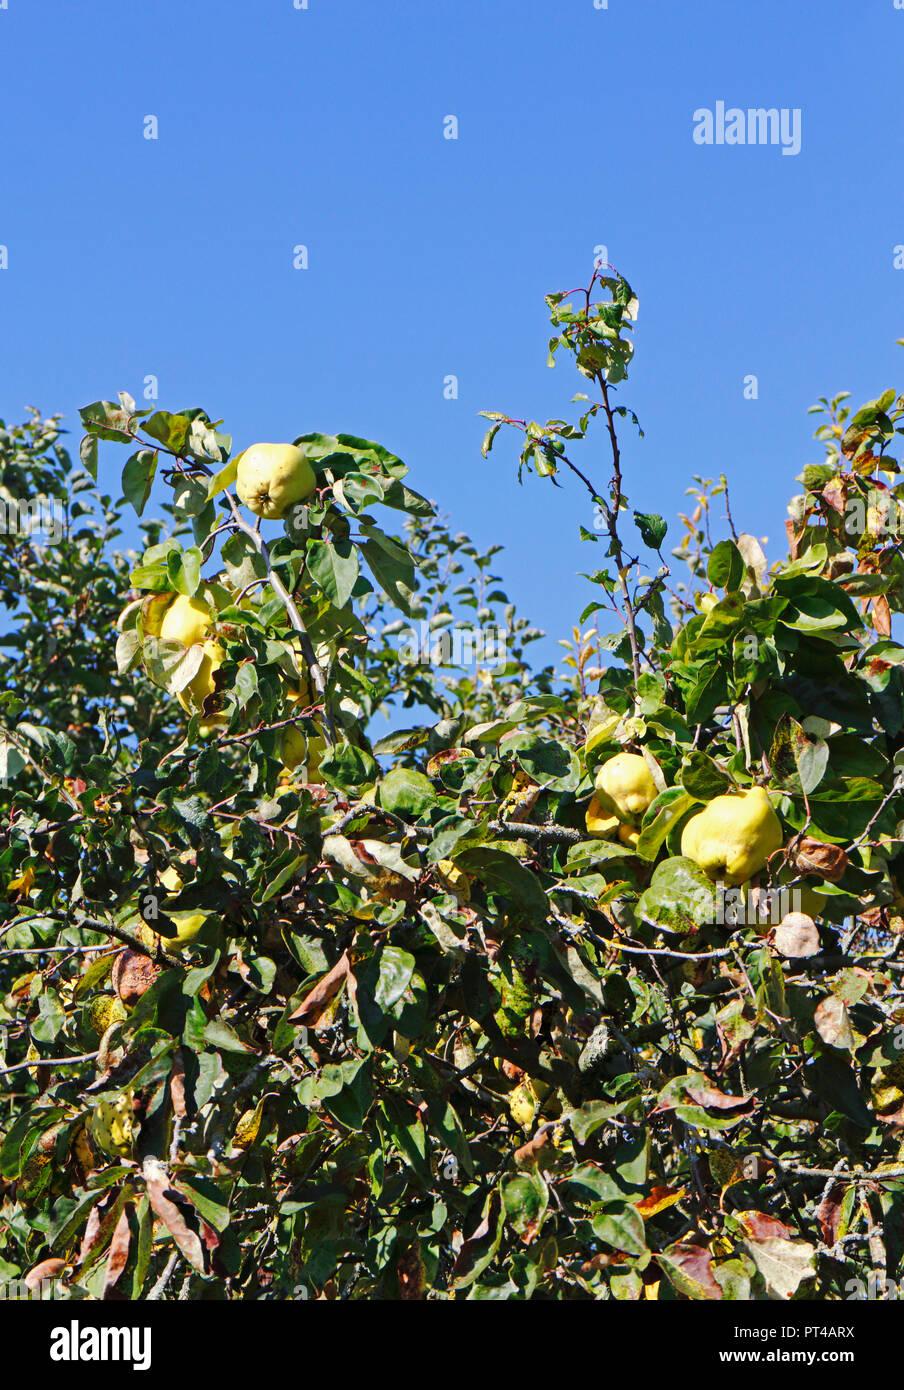 Eine Aussicht auf ein Baum, Quitte Cydonia oblonga, im Herbst mit reifenden Früchten. Stockbild